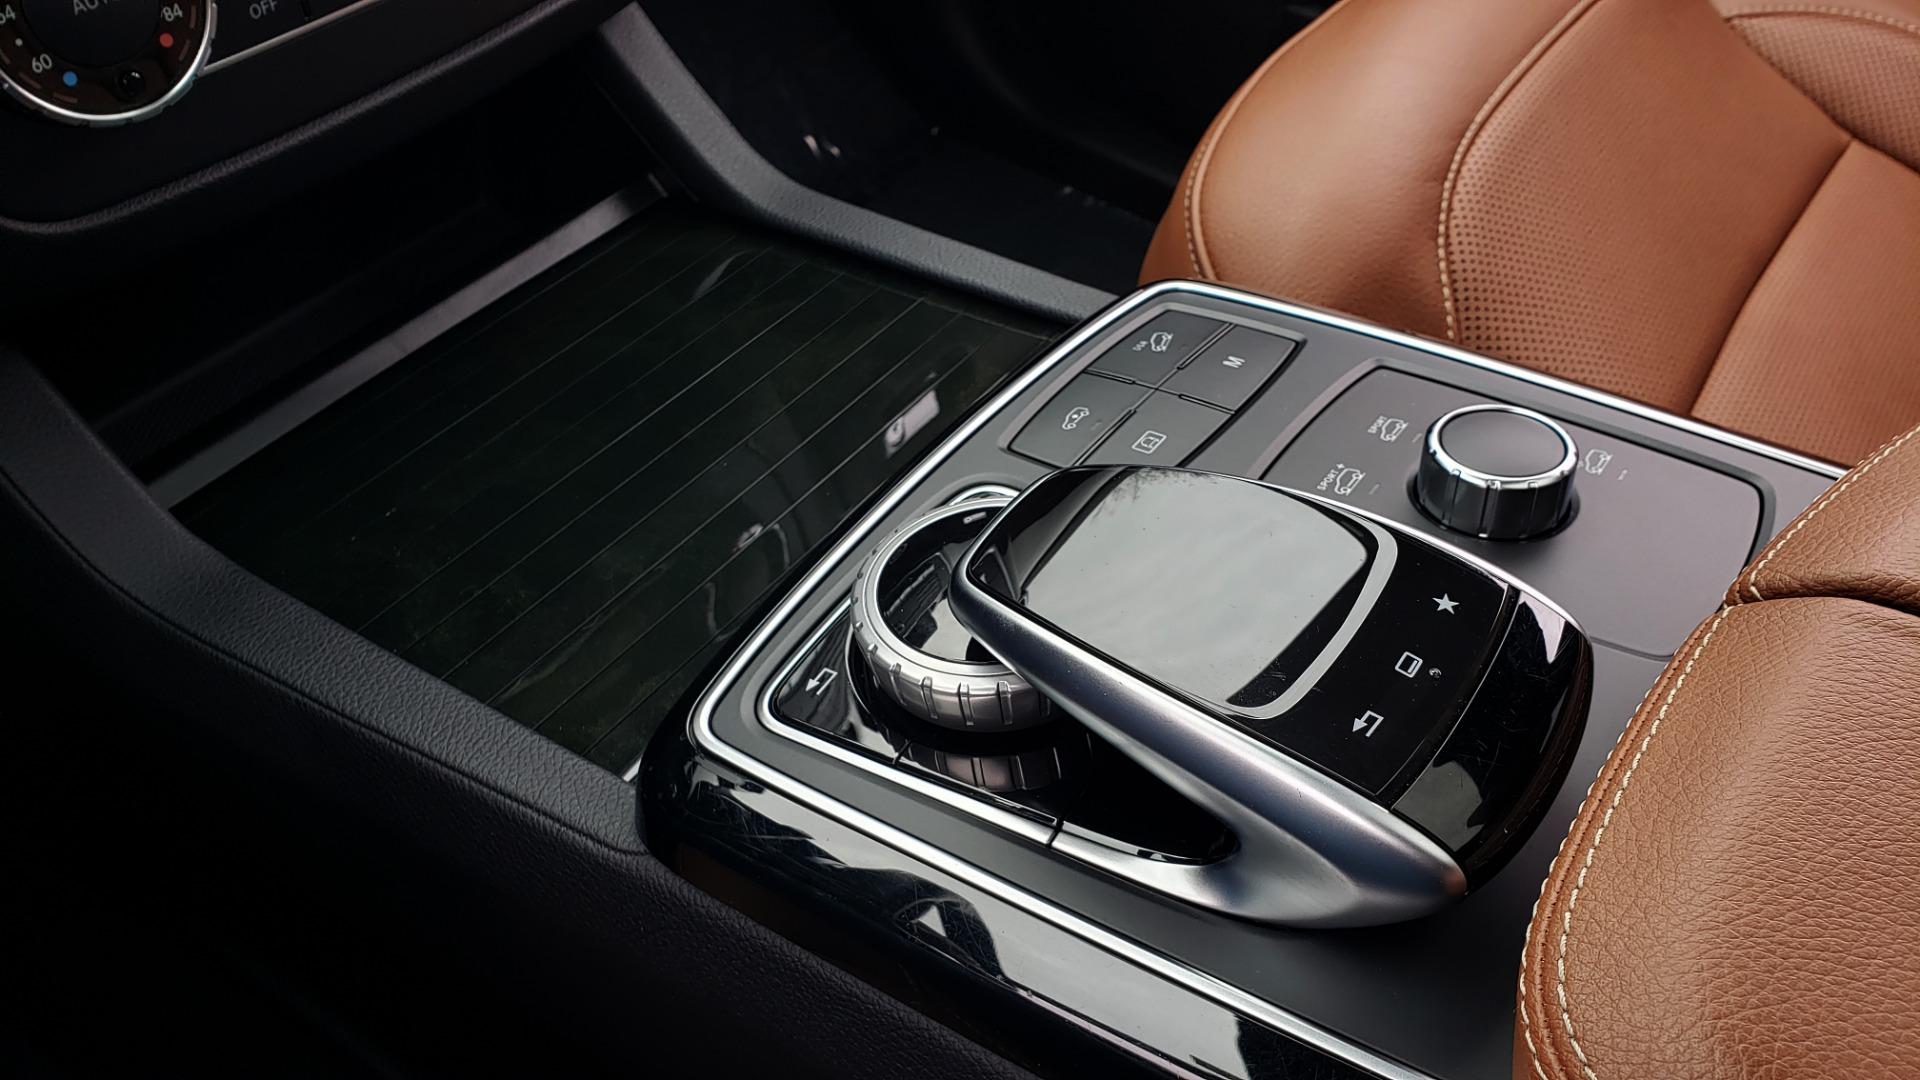 Used 2016 Mercedes-Benz GLE 450 AMG / AWD / PREM PKG / PARK ASST / DRVR ASST / SUNROOF for sale Sold at Formula Imports in Charlotte NC 28227 53